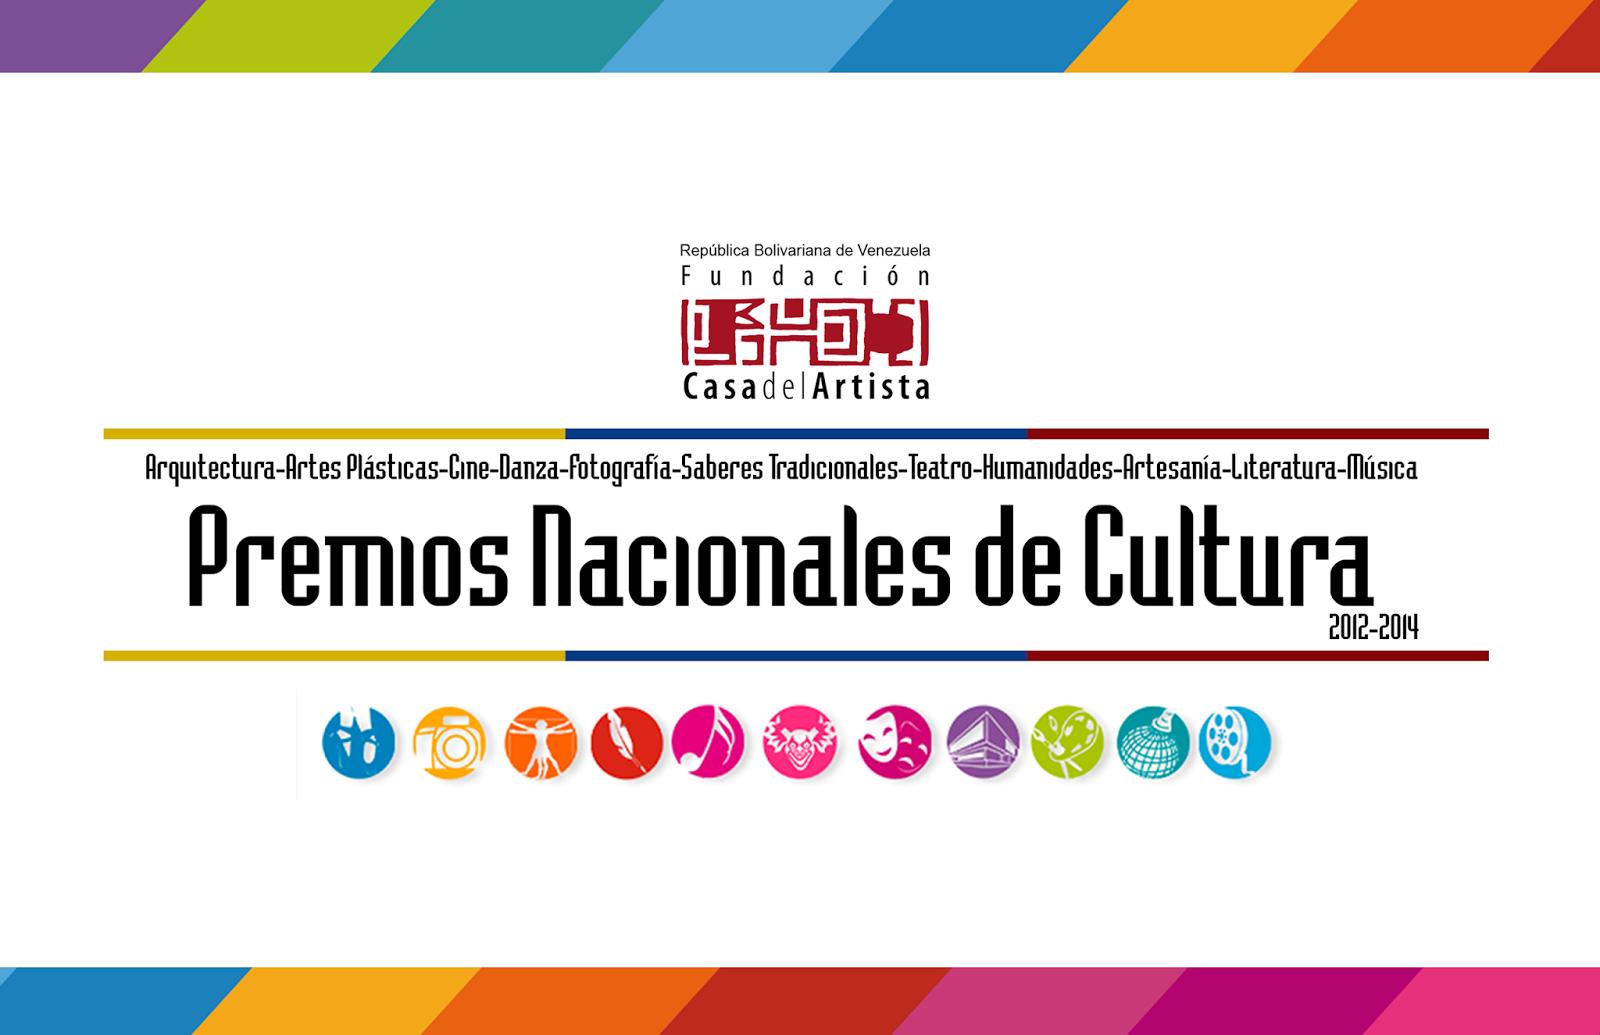 MinCultura Trujillo: Lapso de postulaciones para Premios Nacionales de Cultura se extenderá hasta el 15 de diciembre